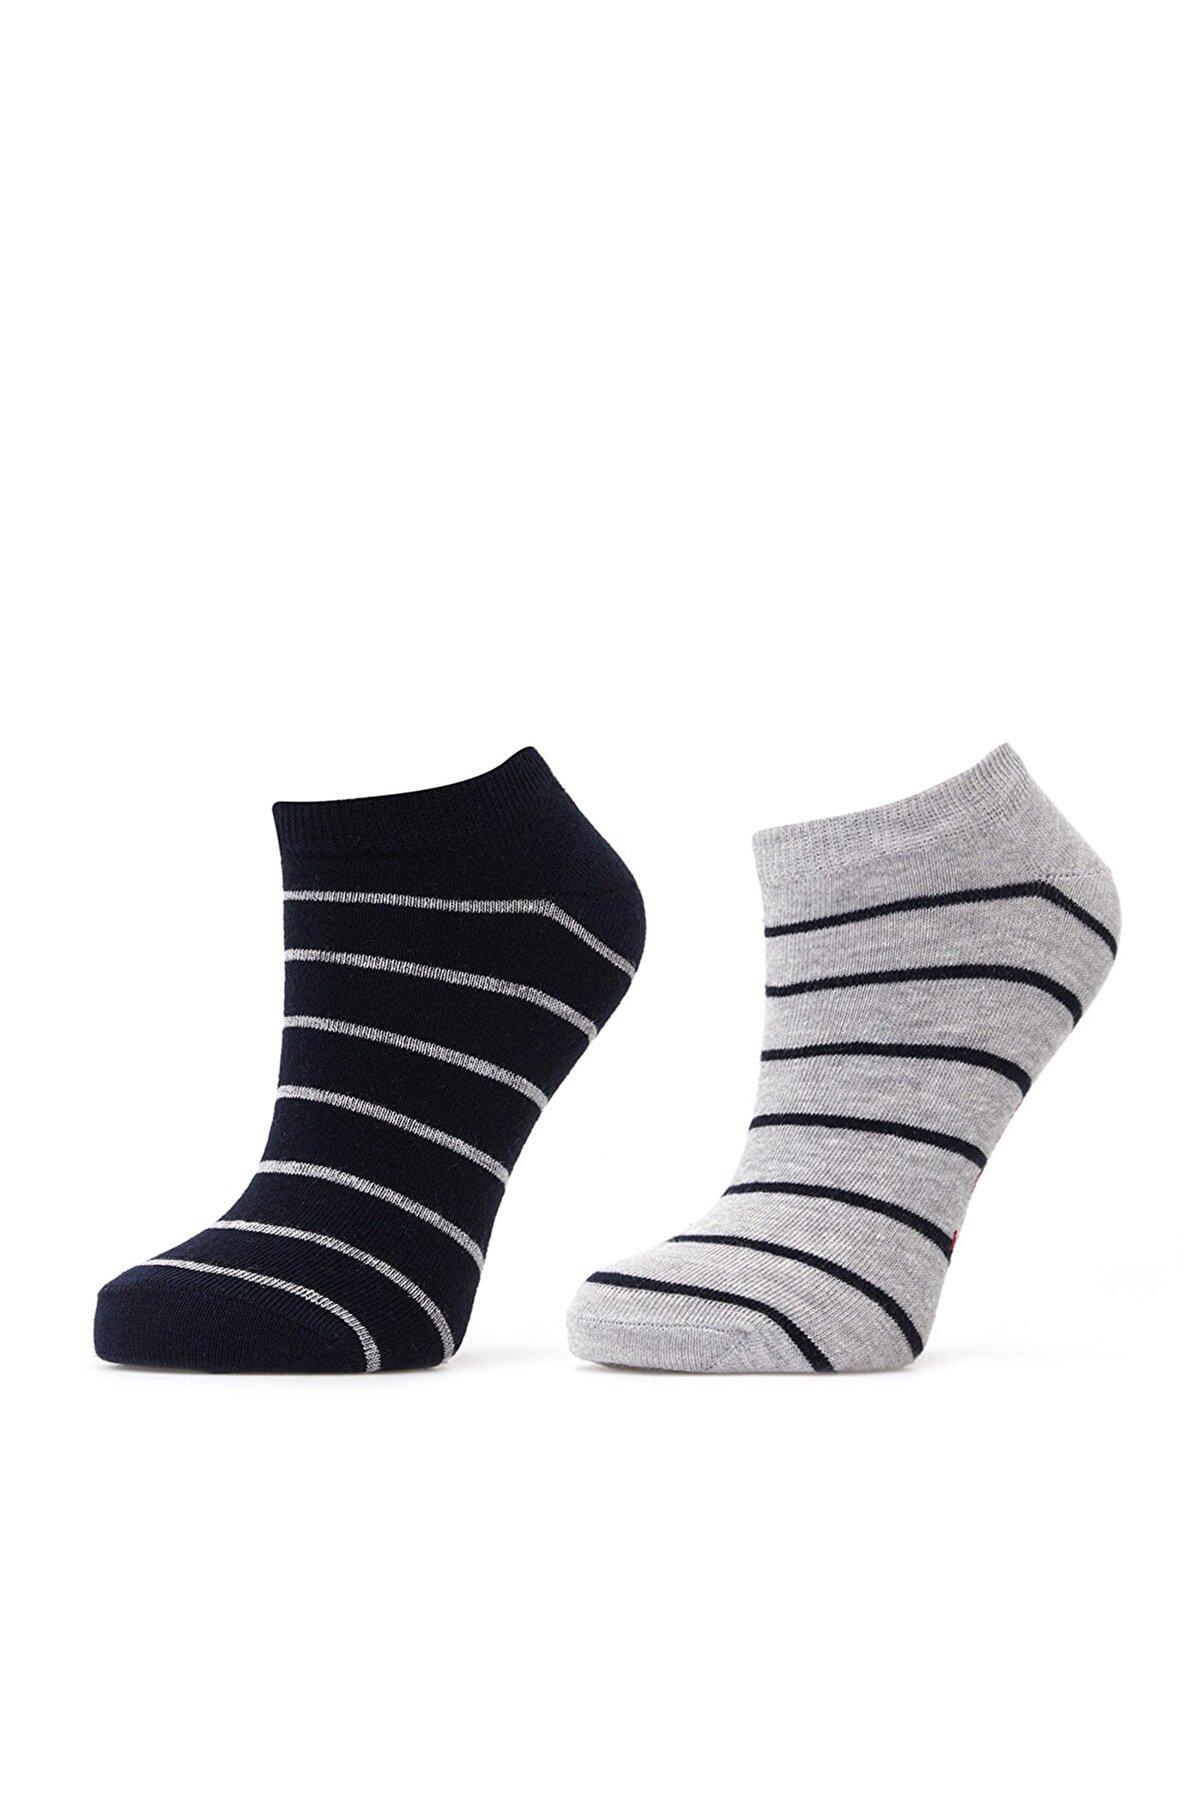 Lee Cooper Kadın Anna 2'Li Patik Çorap Lacivert Çizgili-Gri Melanj Çizgili 211 LCF 286004